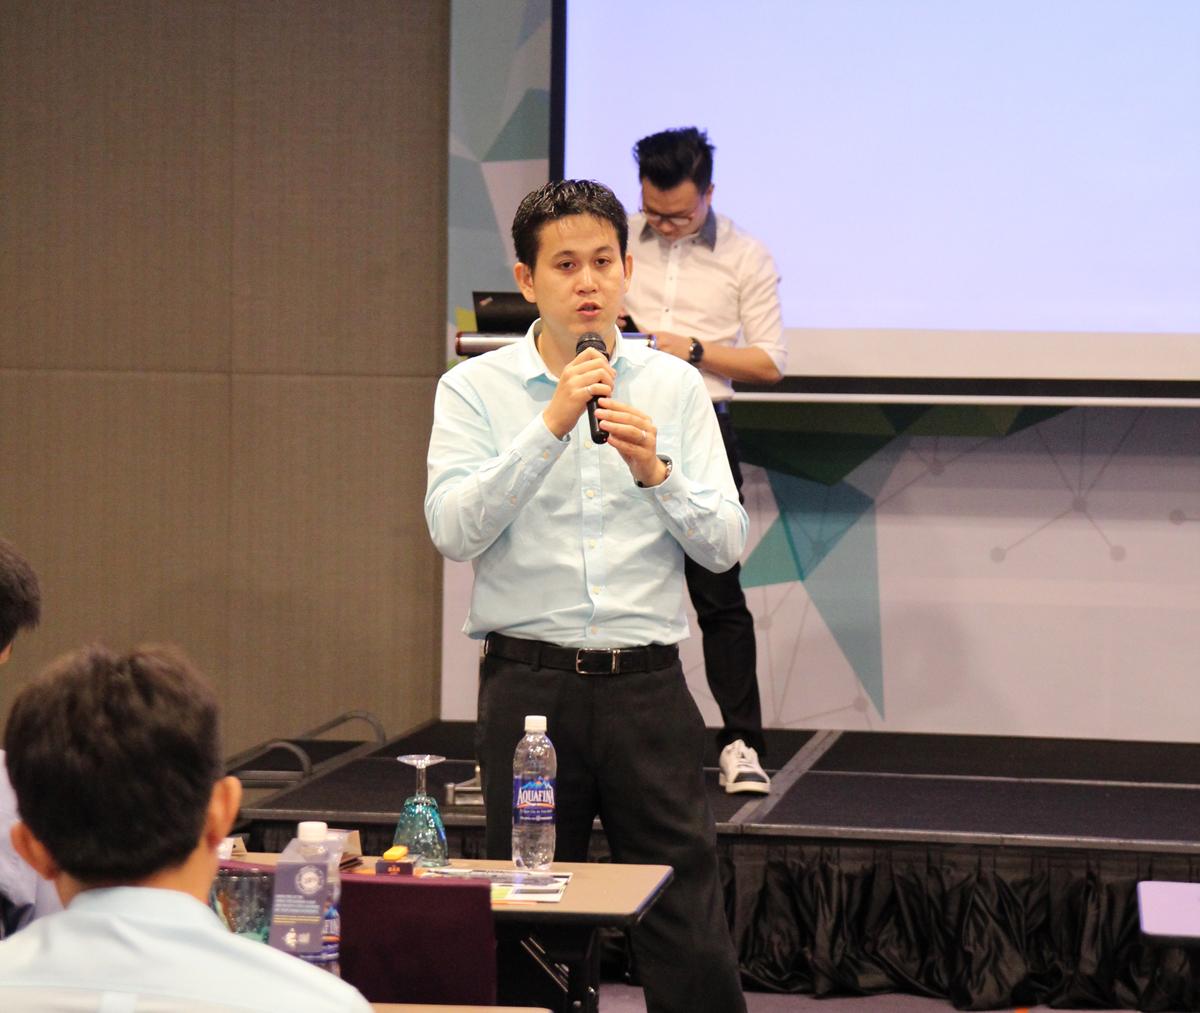 Theo anh Khoa, các điểm ưu việt của Skype for Business đó là: dễ dàng và nhanh chóng remote desktop; có thể tham gia họp với khách hàng bên ngoài sử dụng Skype cá nhân; tích hợp trình điều khiển cuộc họp cho người điều hành cuộc họp; kết nối với hệ thống Video conference của hãng thứ 3 (Polycom…)